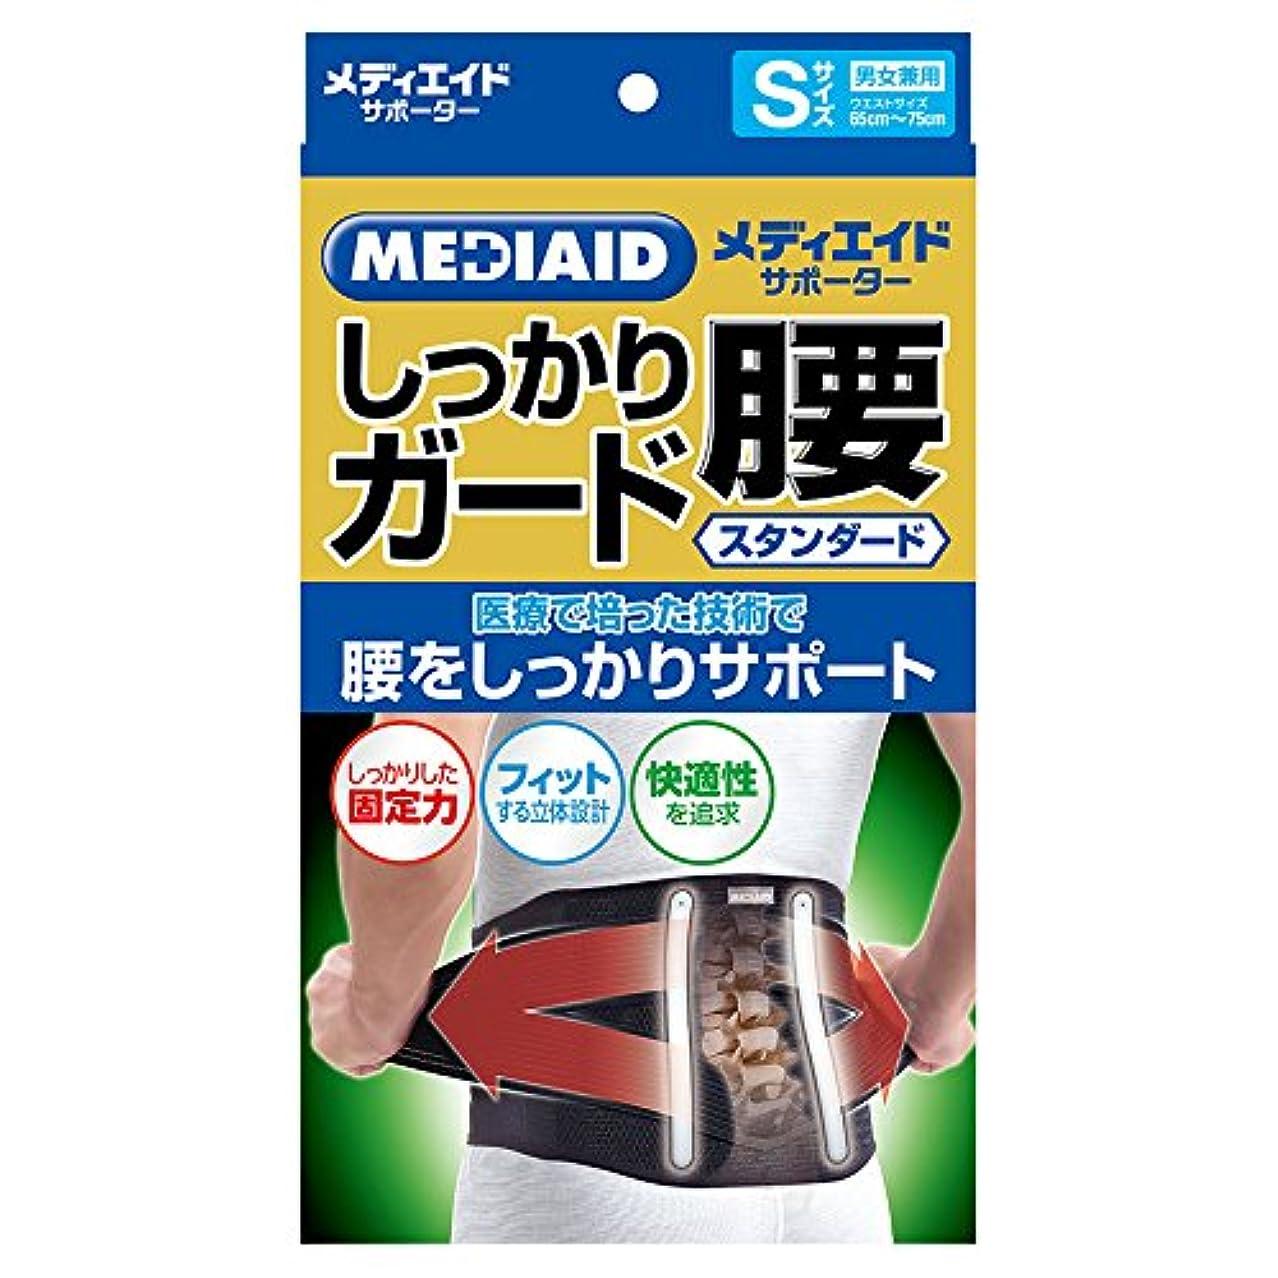 香港疫病シルエット日本シグマックス メディエイド サポーター しっかりガード 腰 スタンダード S ブラック 男女兼用 コルセット